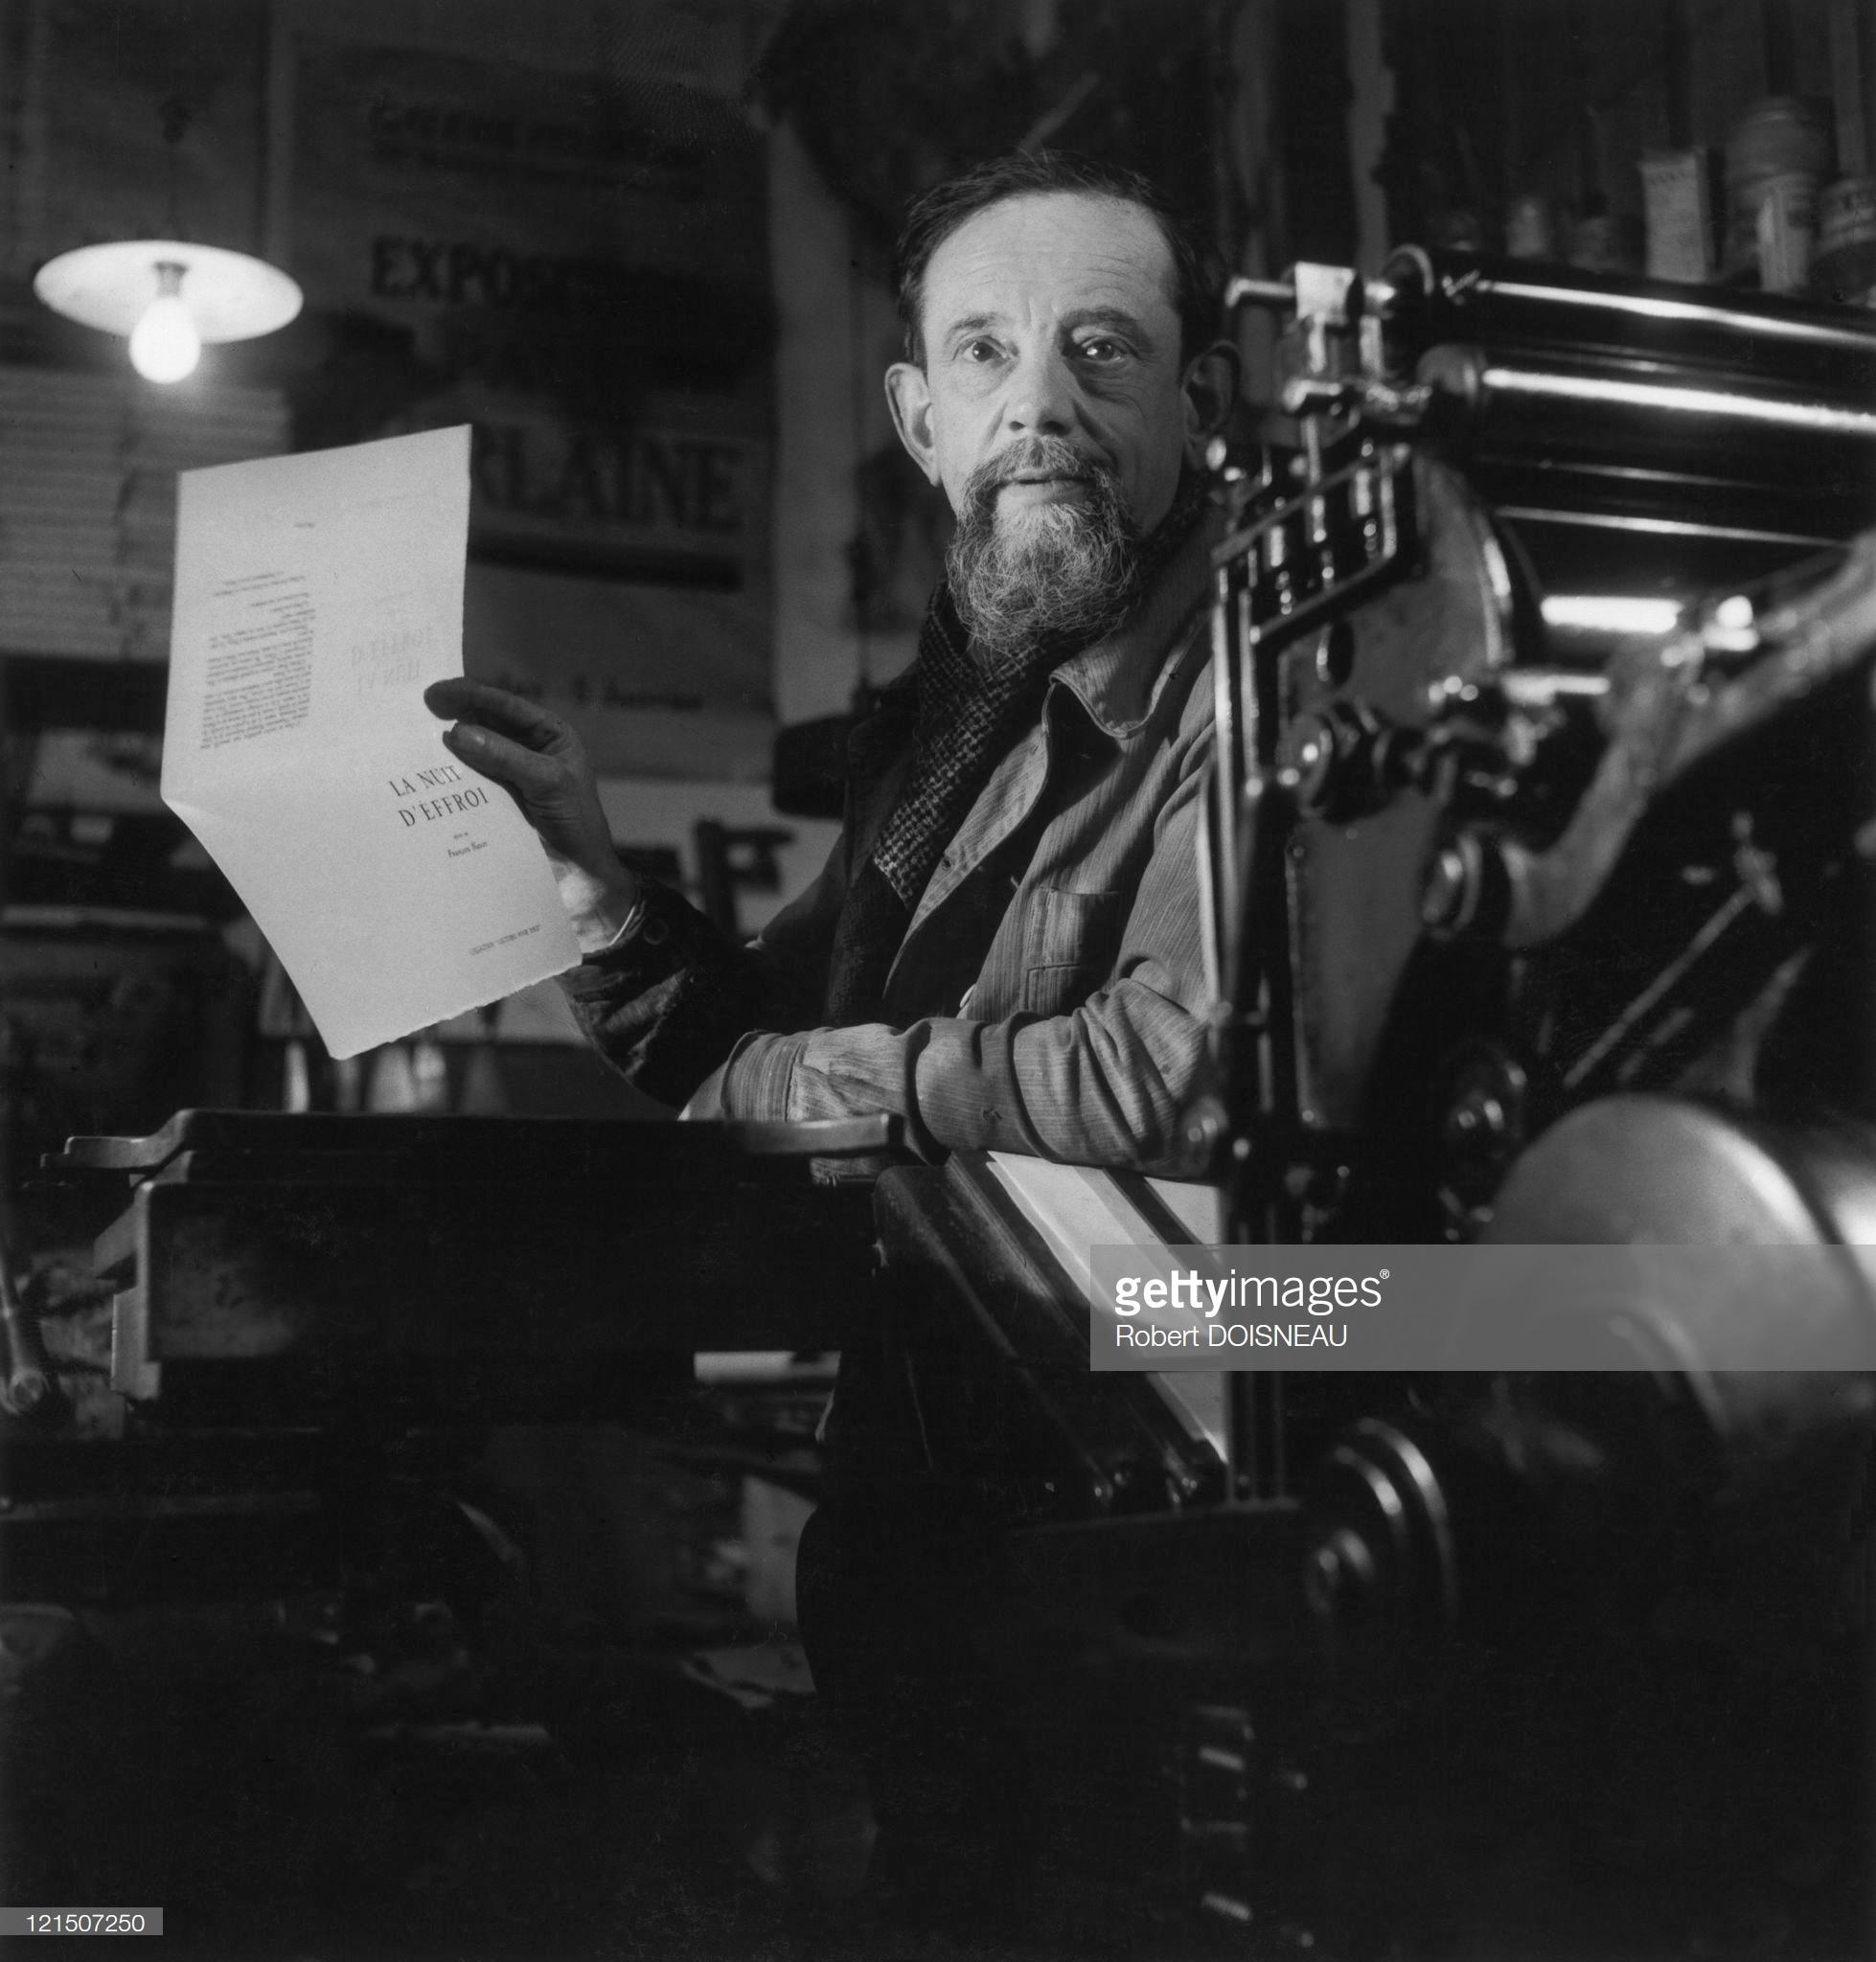 1944. Париж, Монпарнас, Харамбарт, печать брошюр для Национального освободительного движения